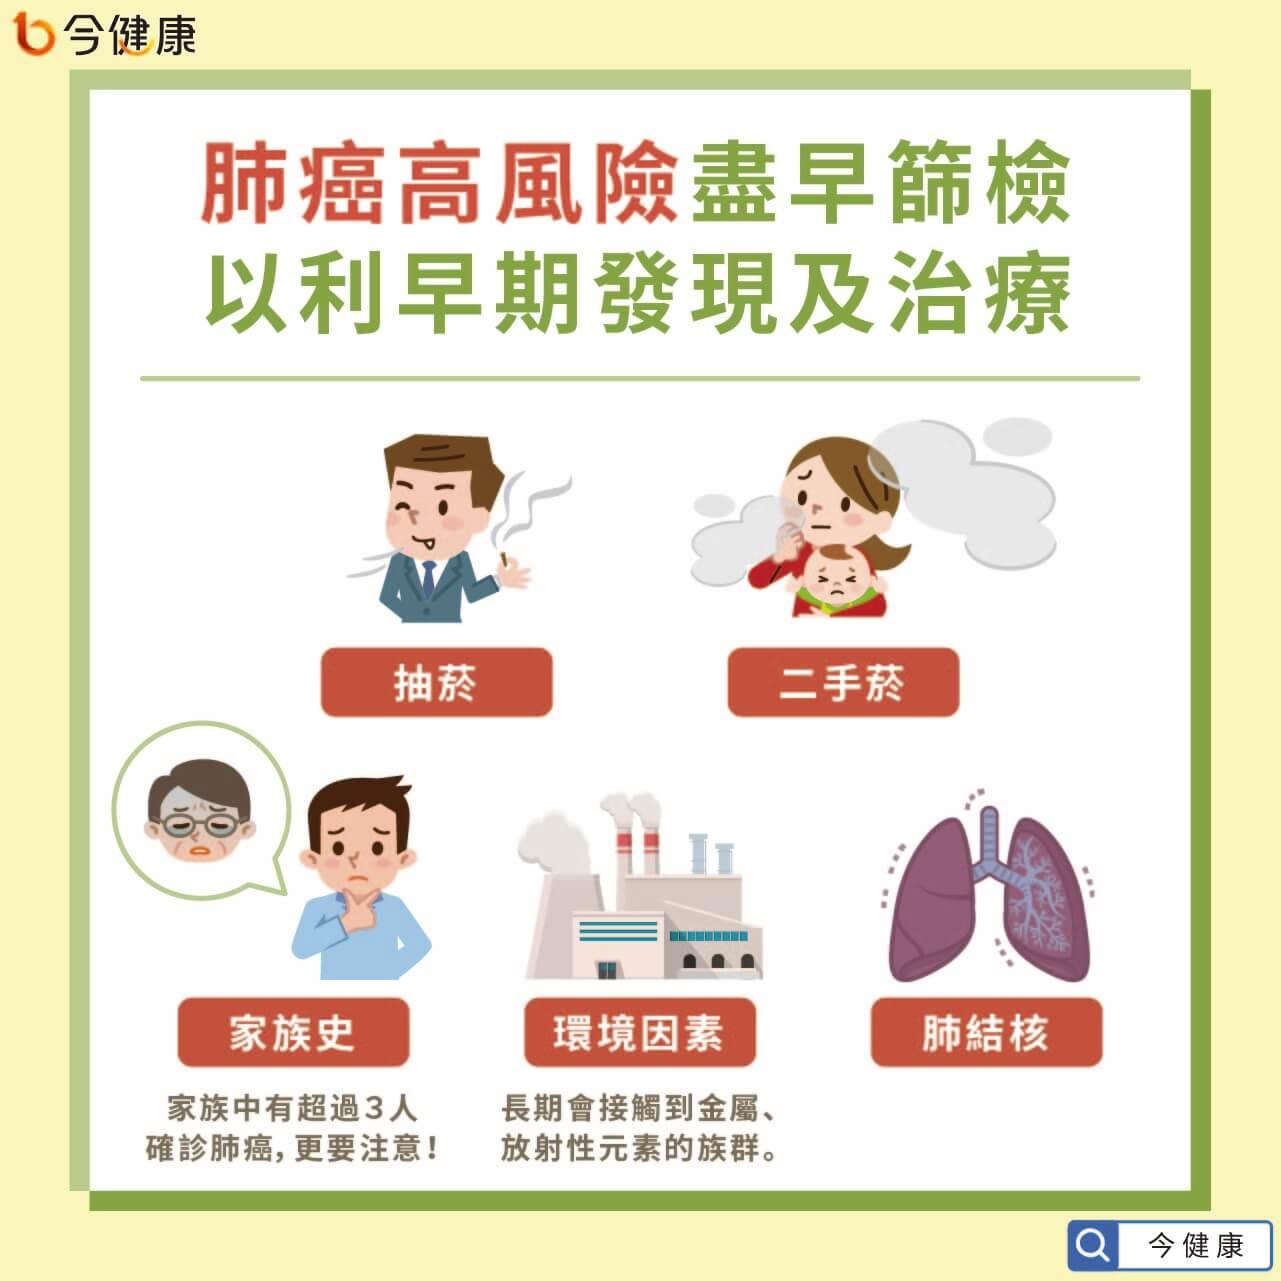 #肺癌 #化療 #副作用 #口服化療 #十大癌症 #癌症